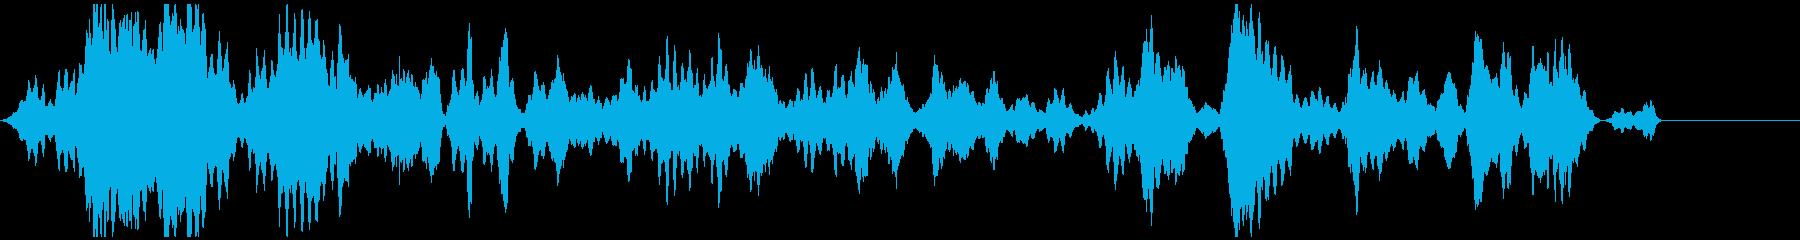 ひゅー(浮遊音)の再生済みの波形